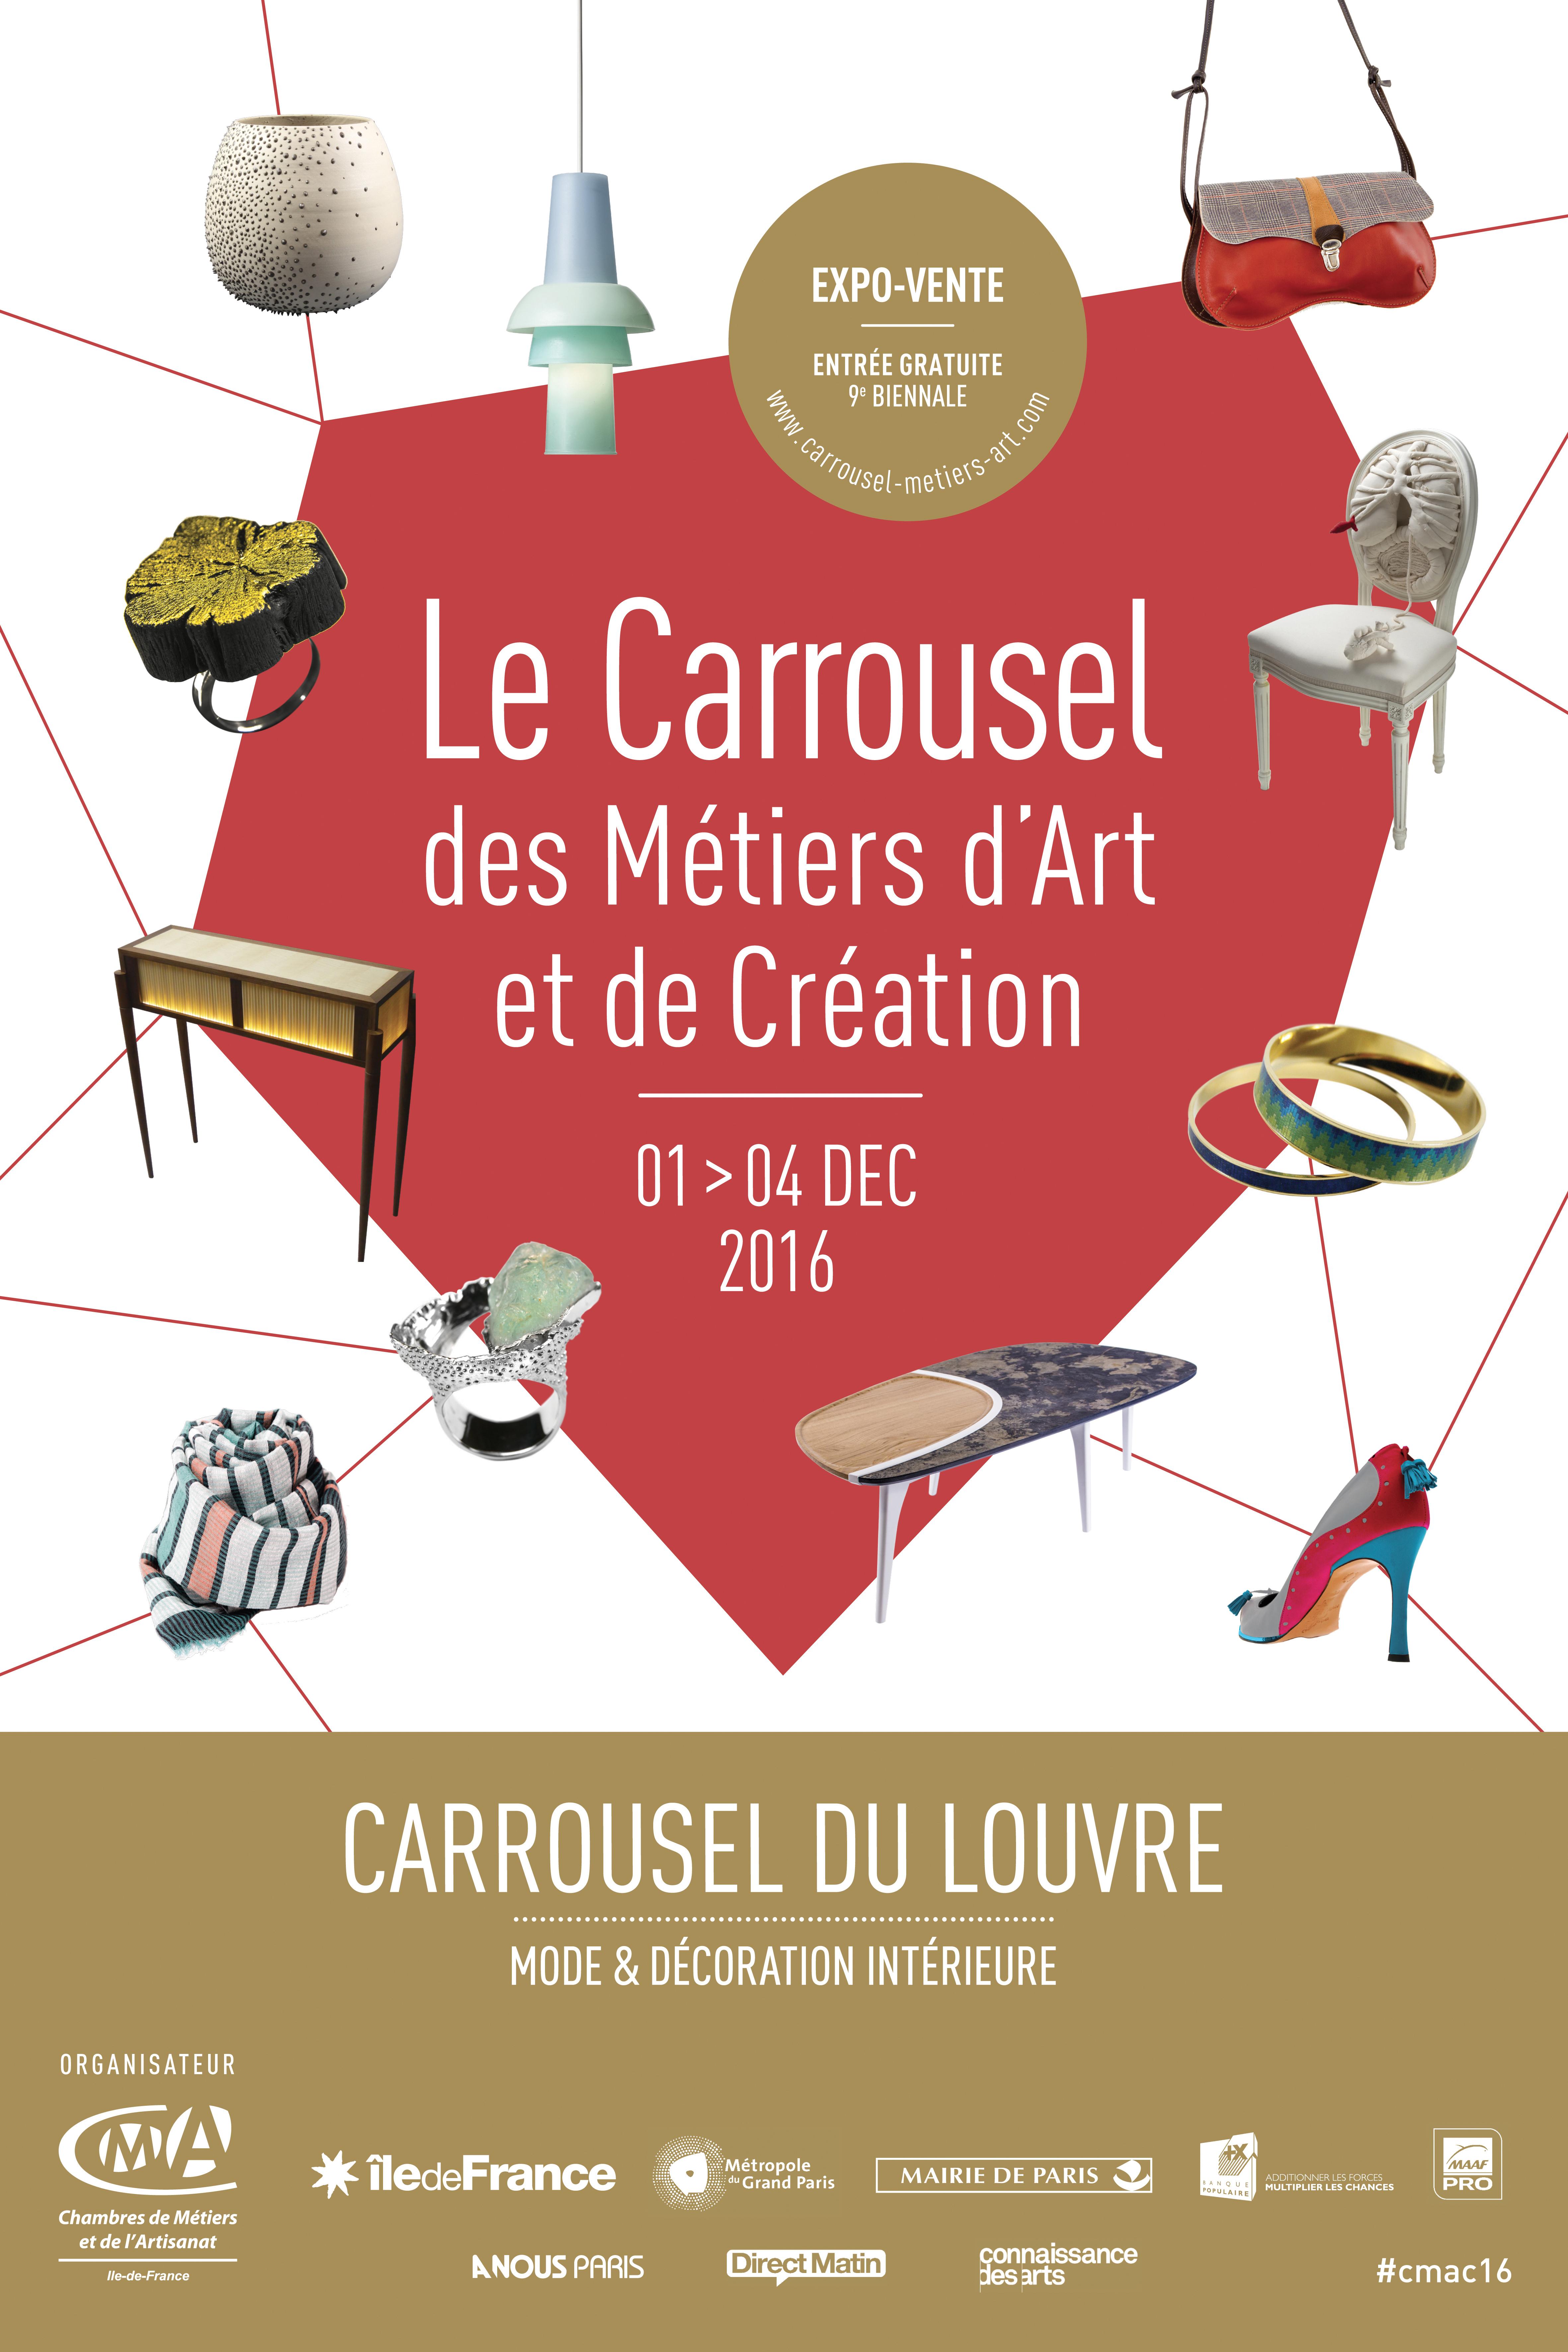 LE CARROUSEL DES MÉTIERS D'ART